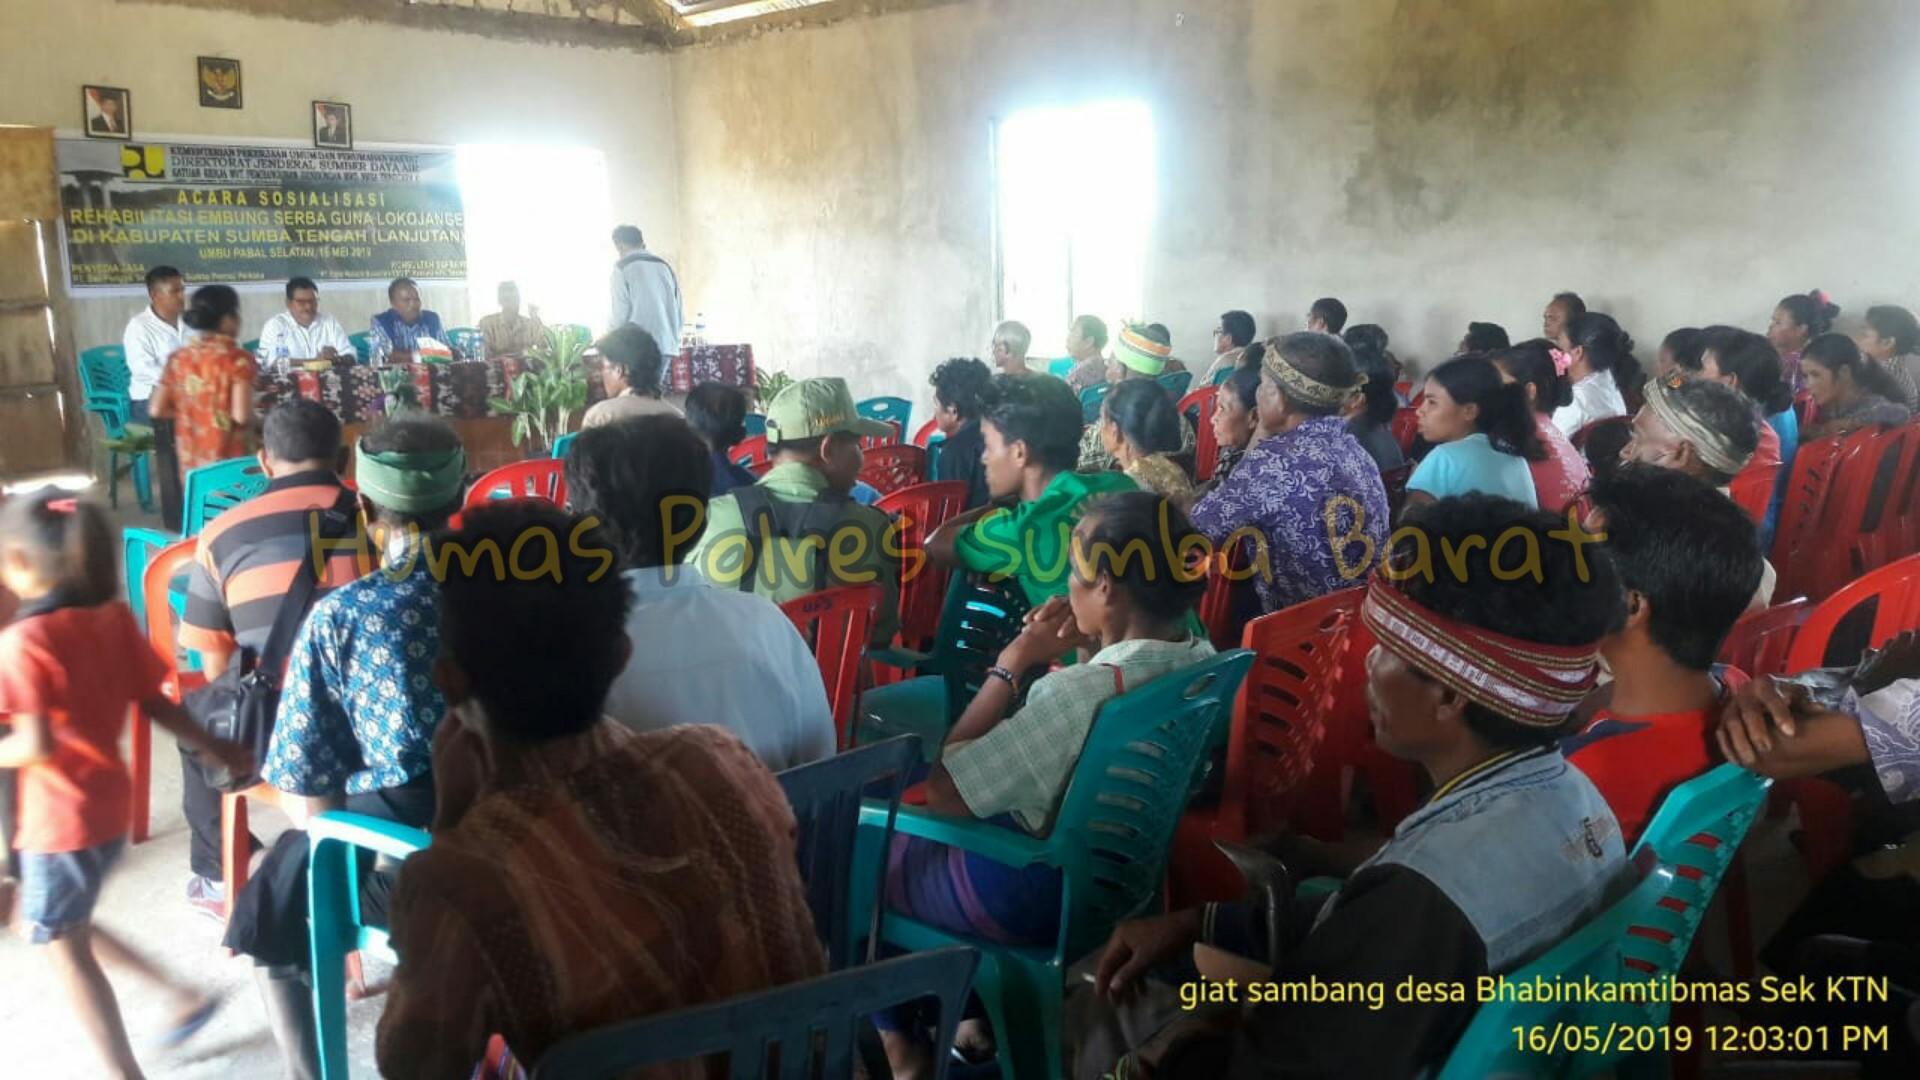 Bhabikamtibmas Menghadiri Giat Sosialisasi Di Desa